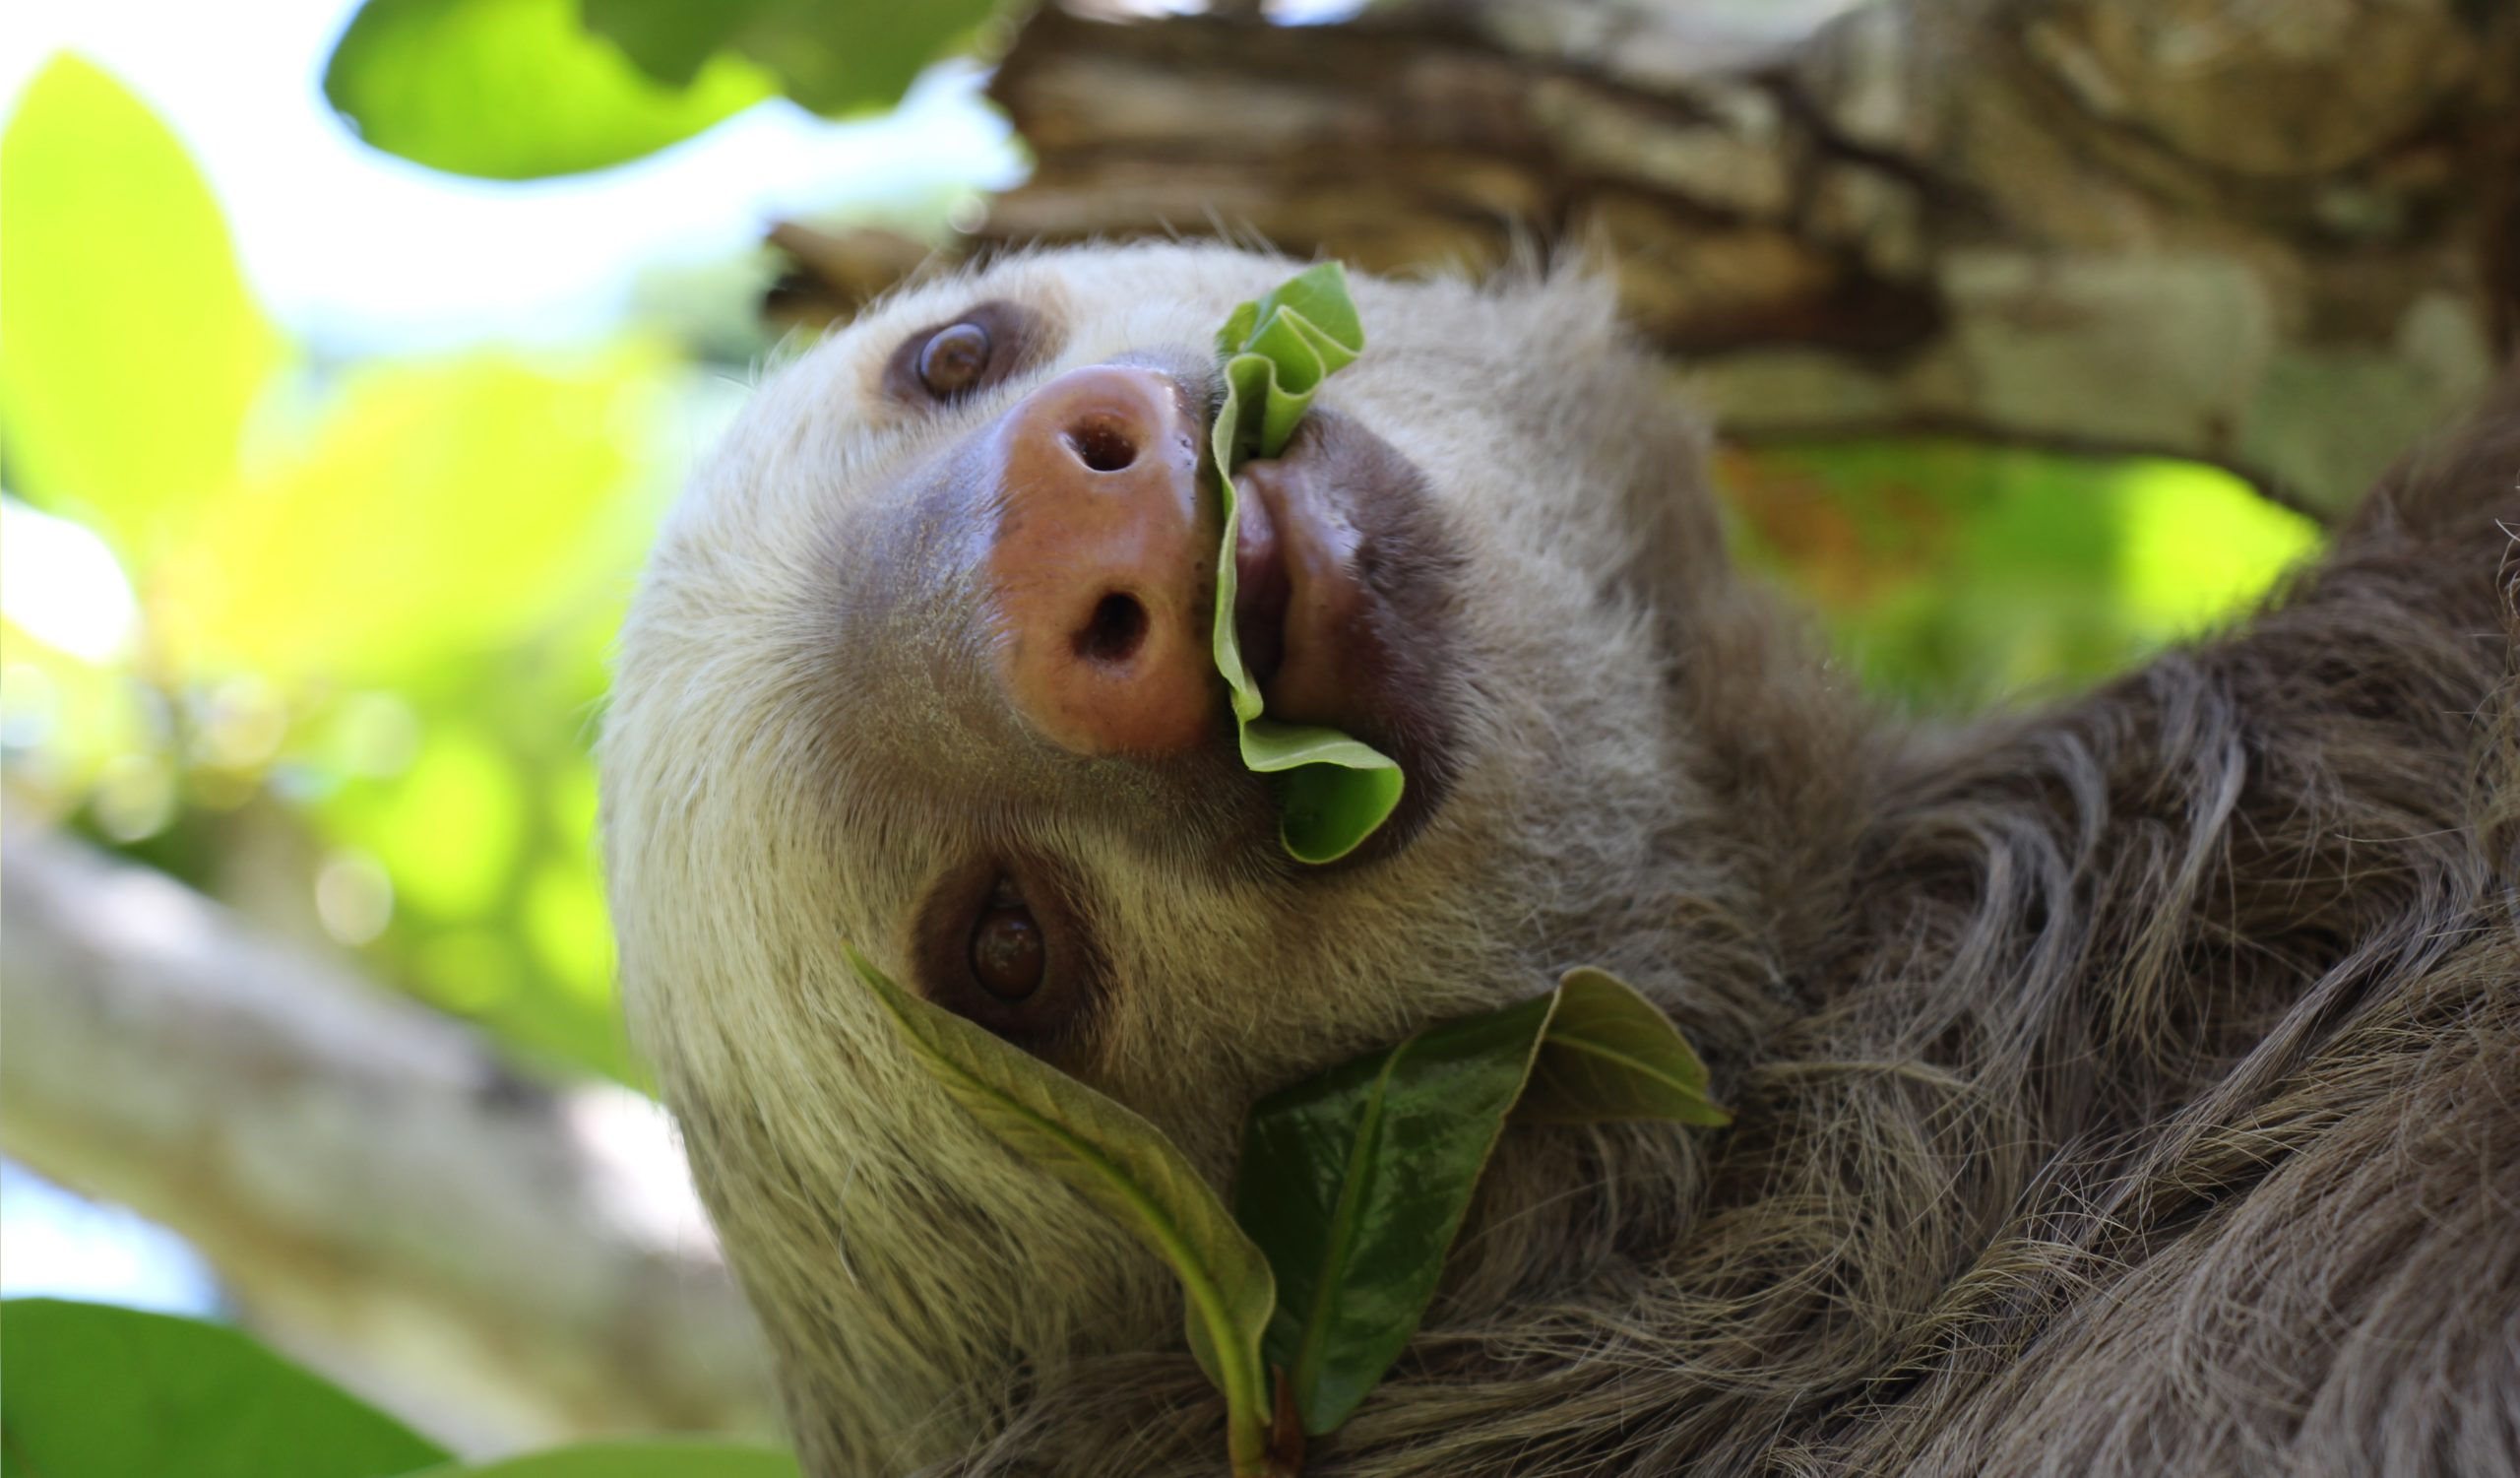 eating leaves